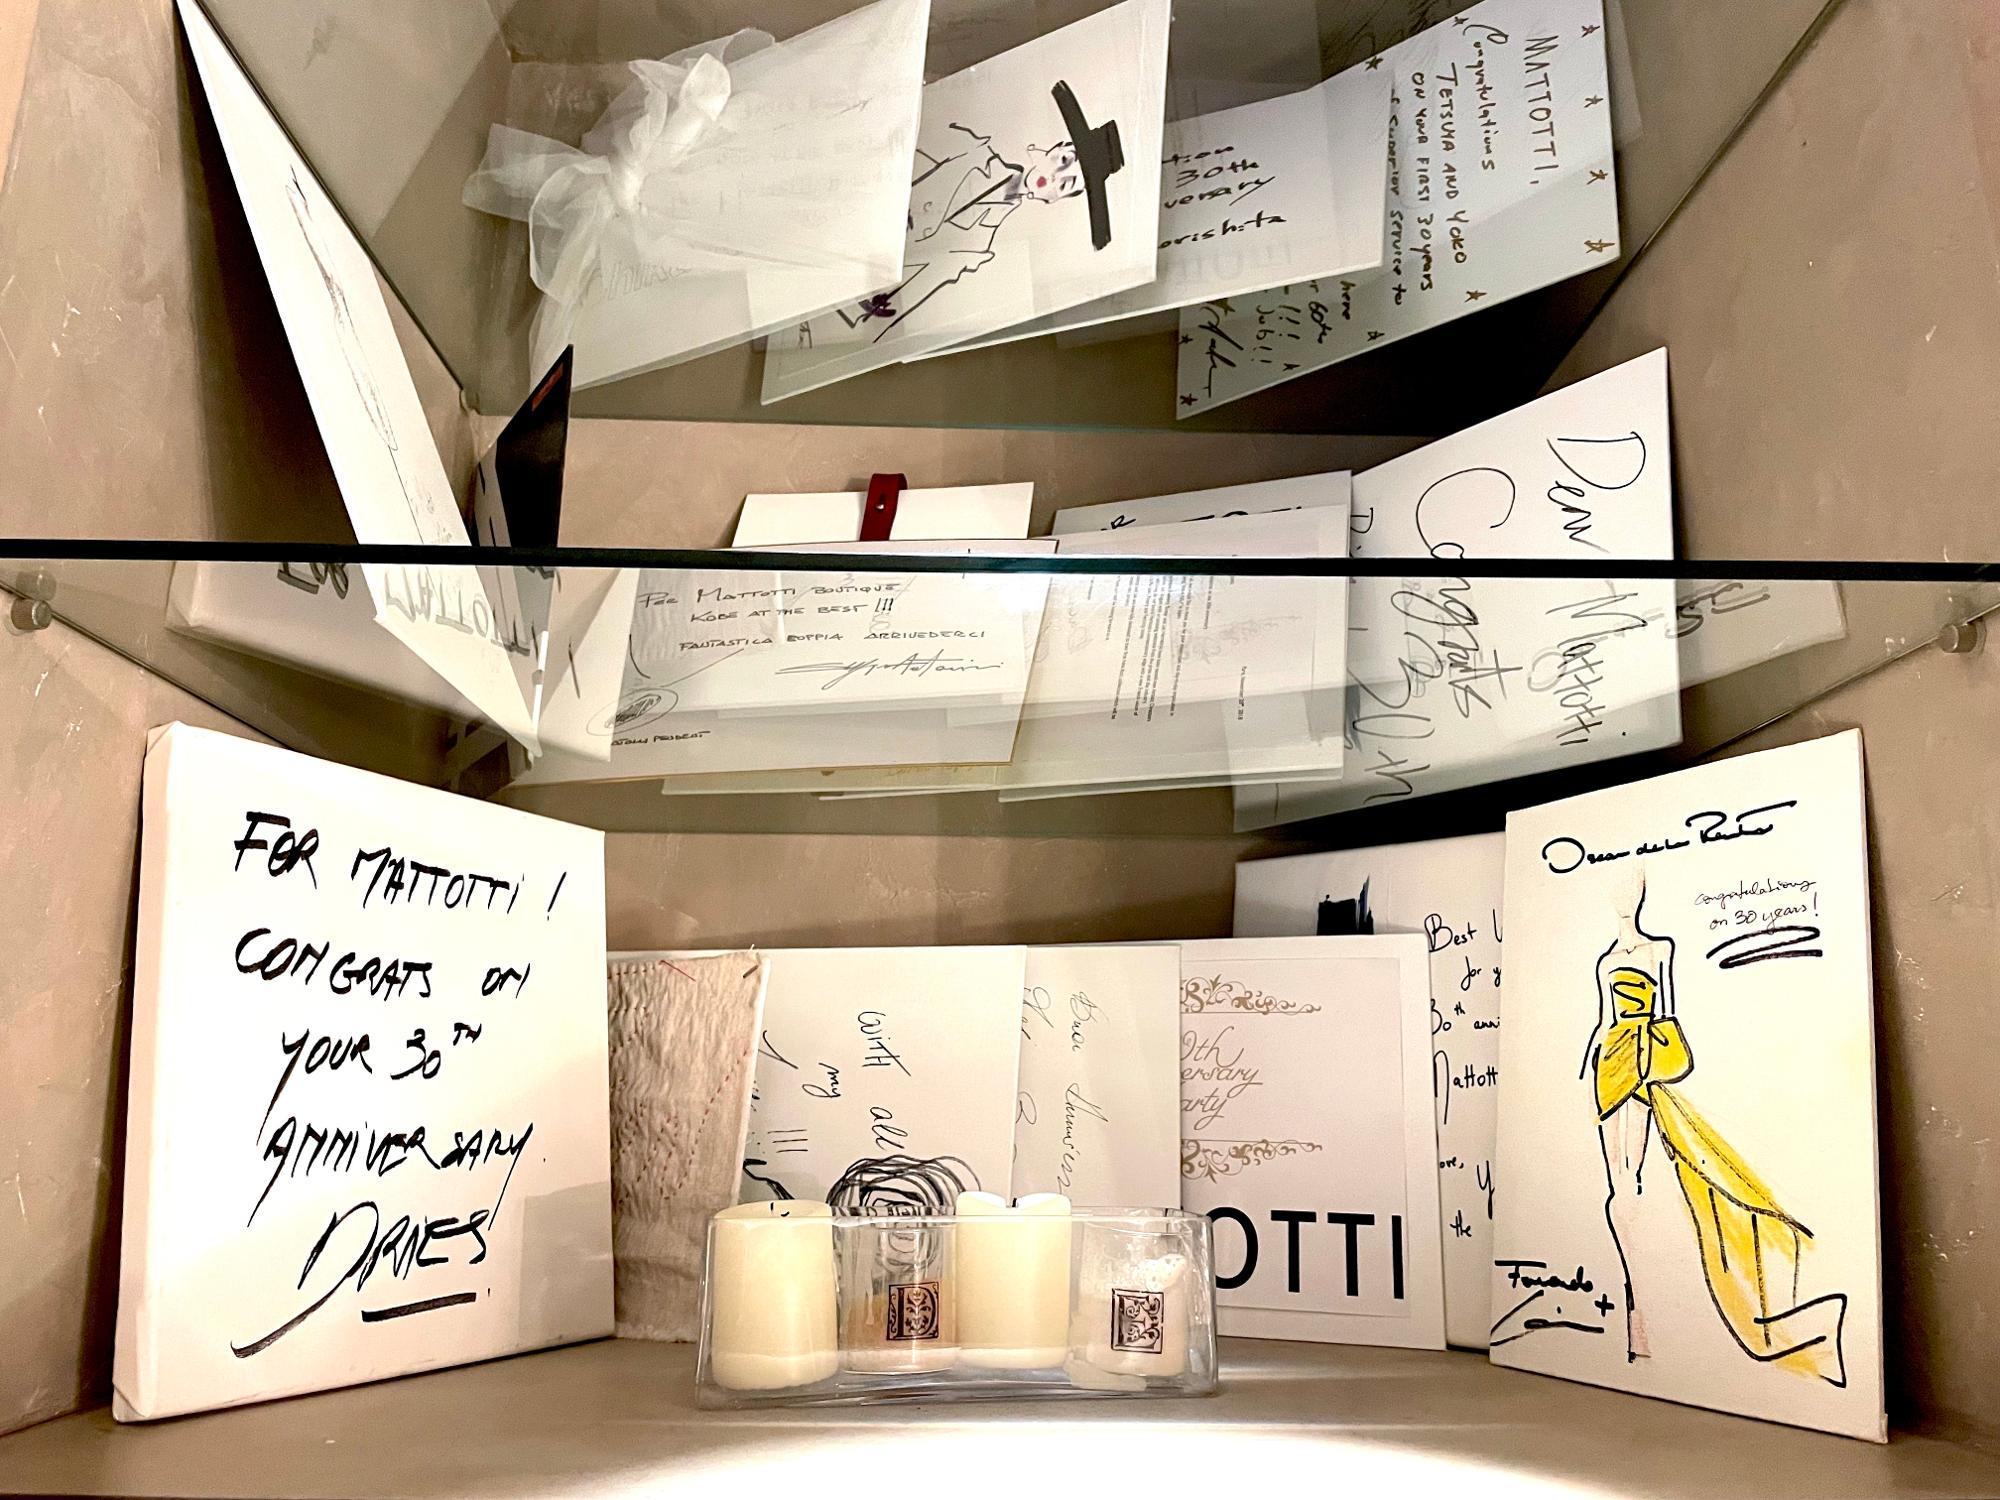 海外の有名デザイナー達から届けられた数々のメッセージは、信頼の証を物語っている